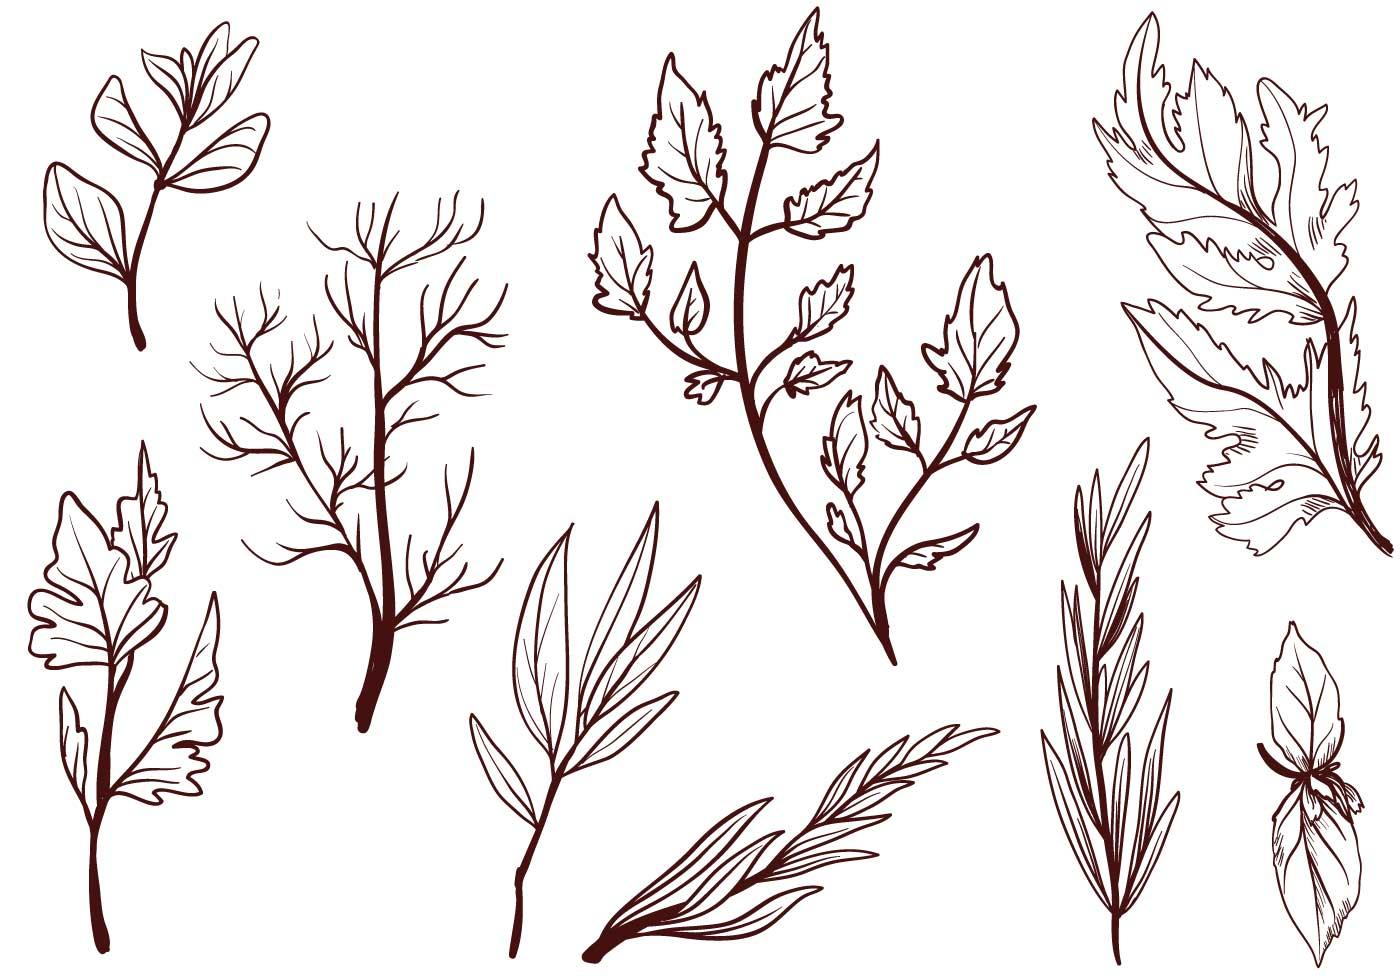 cooking herbs vectors download free vector art stock